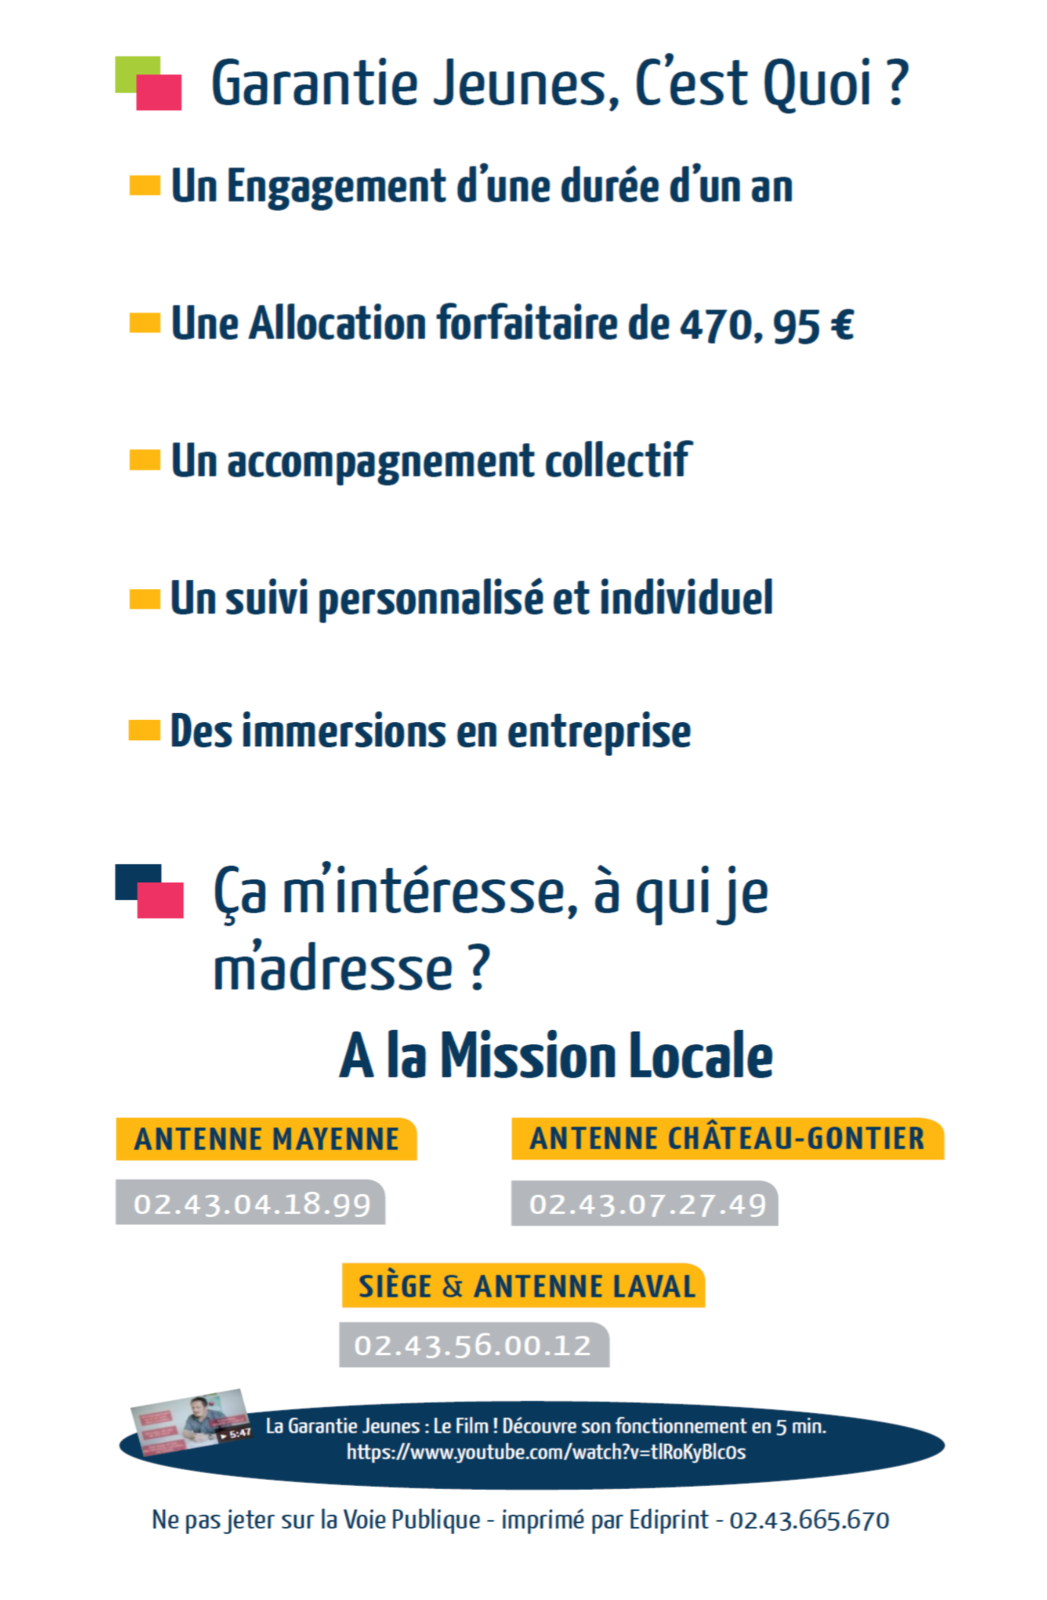 La Garantie Jeunes : un dispositif à promouvoir pour les jeunes de votre territoire / Mission Locale 53